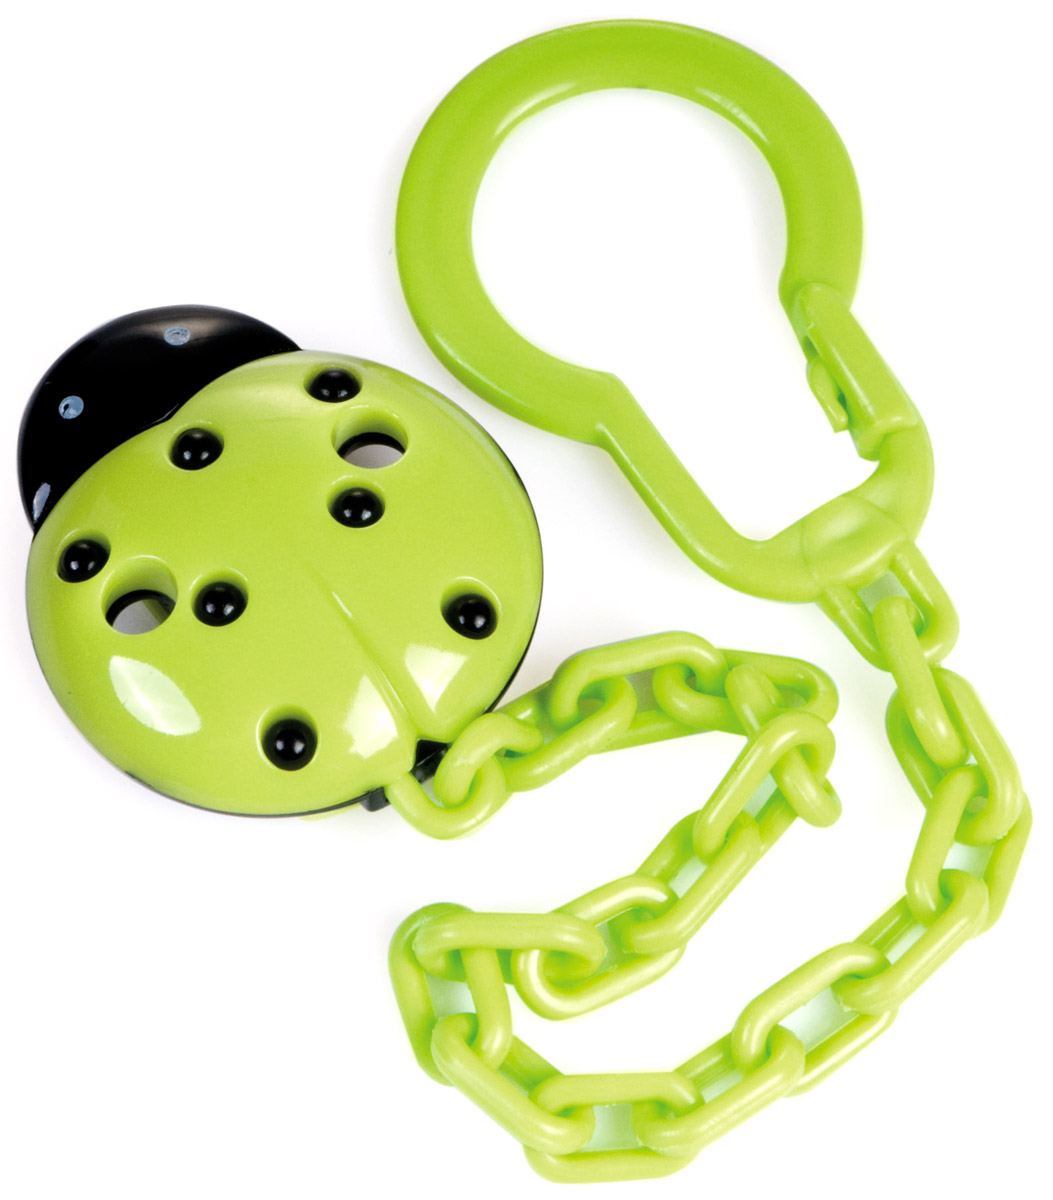 Canpol Babies Клипса-держатель для пустышки цвет зеленый canpol babies клипса держатель для пустышки самолетик